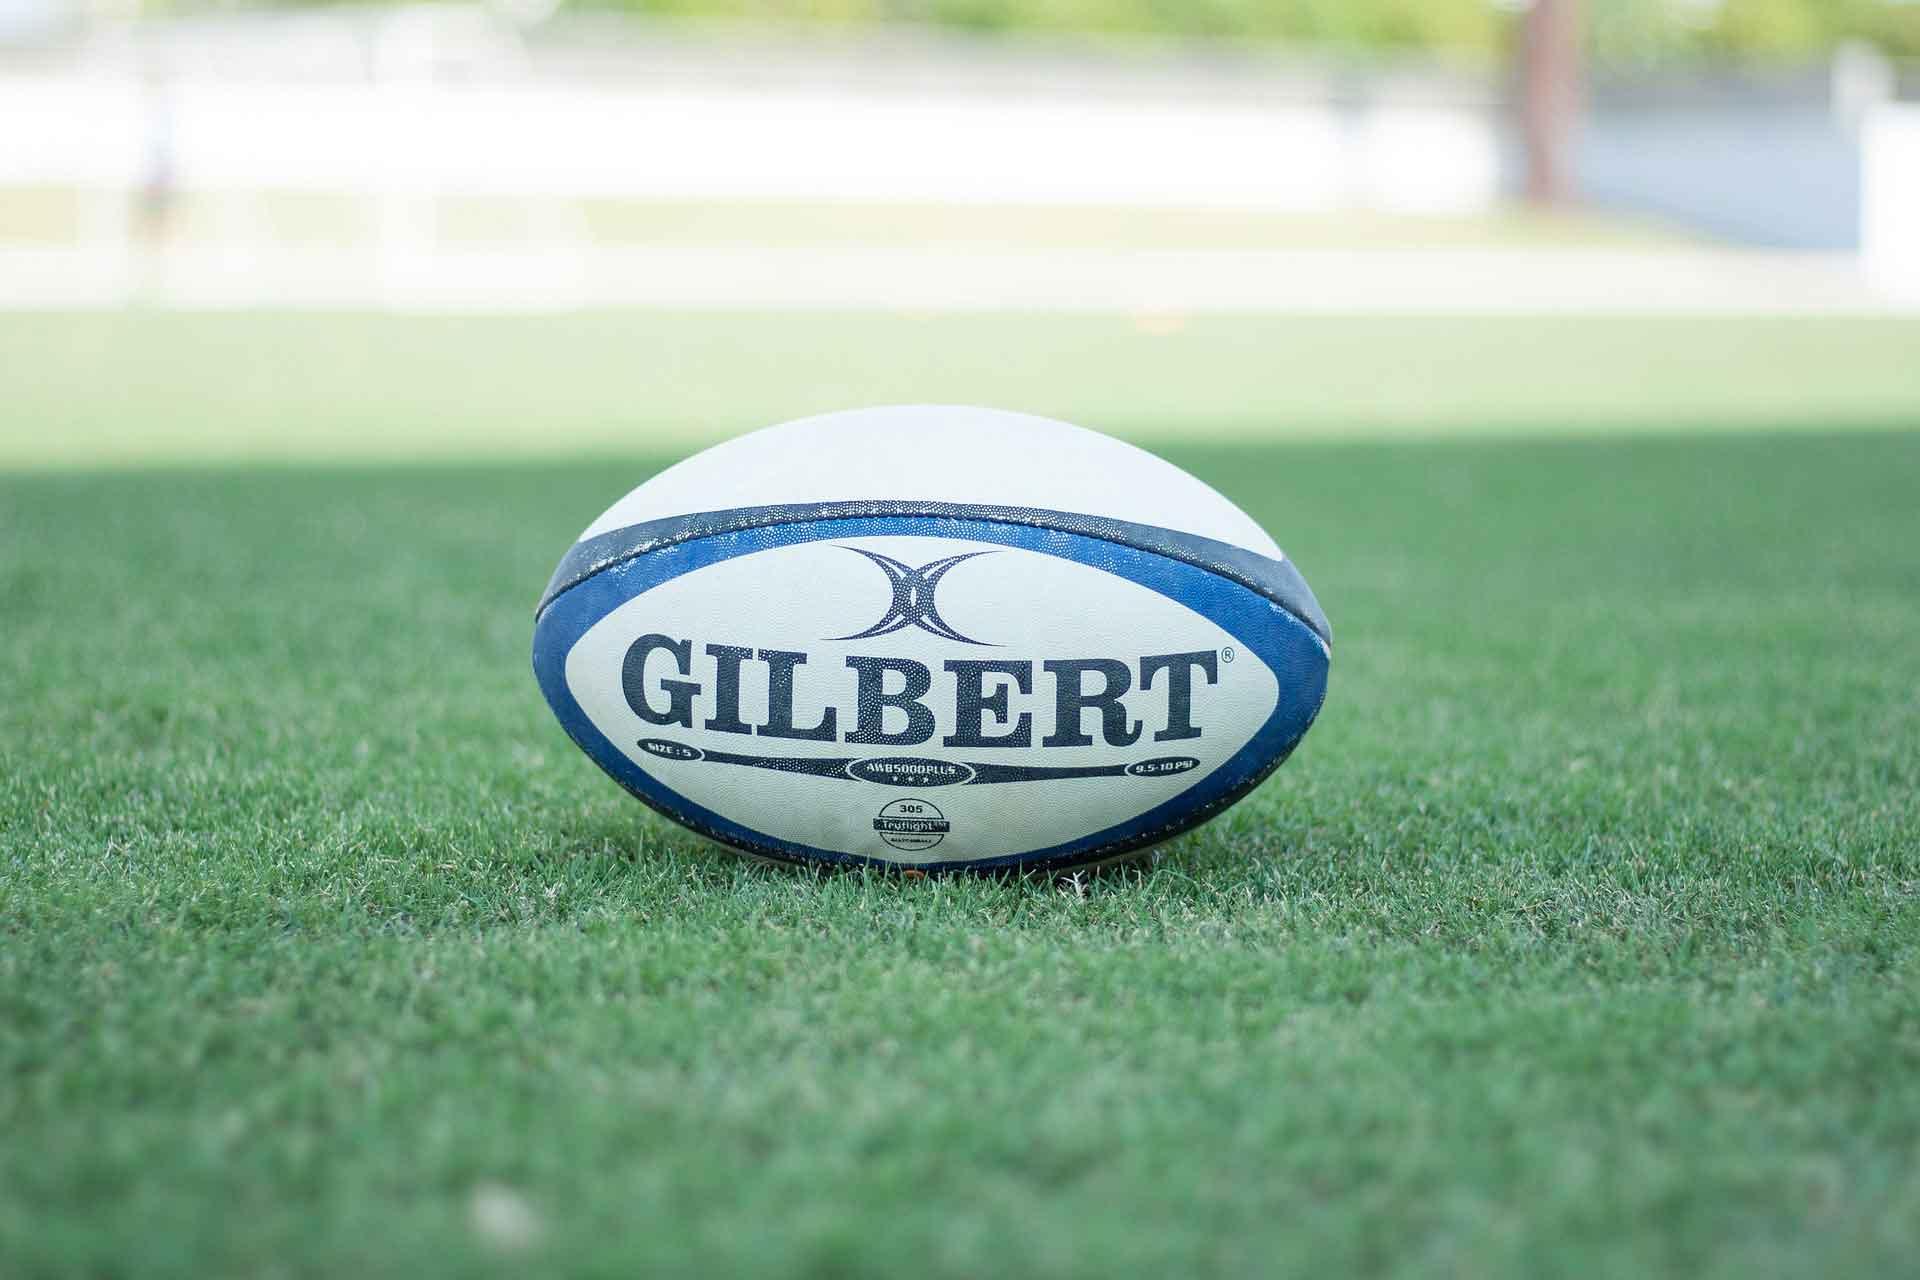 芝の上のラグビーボール